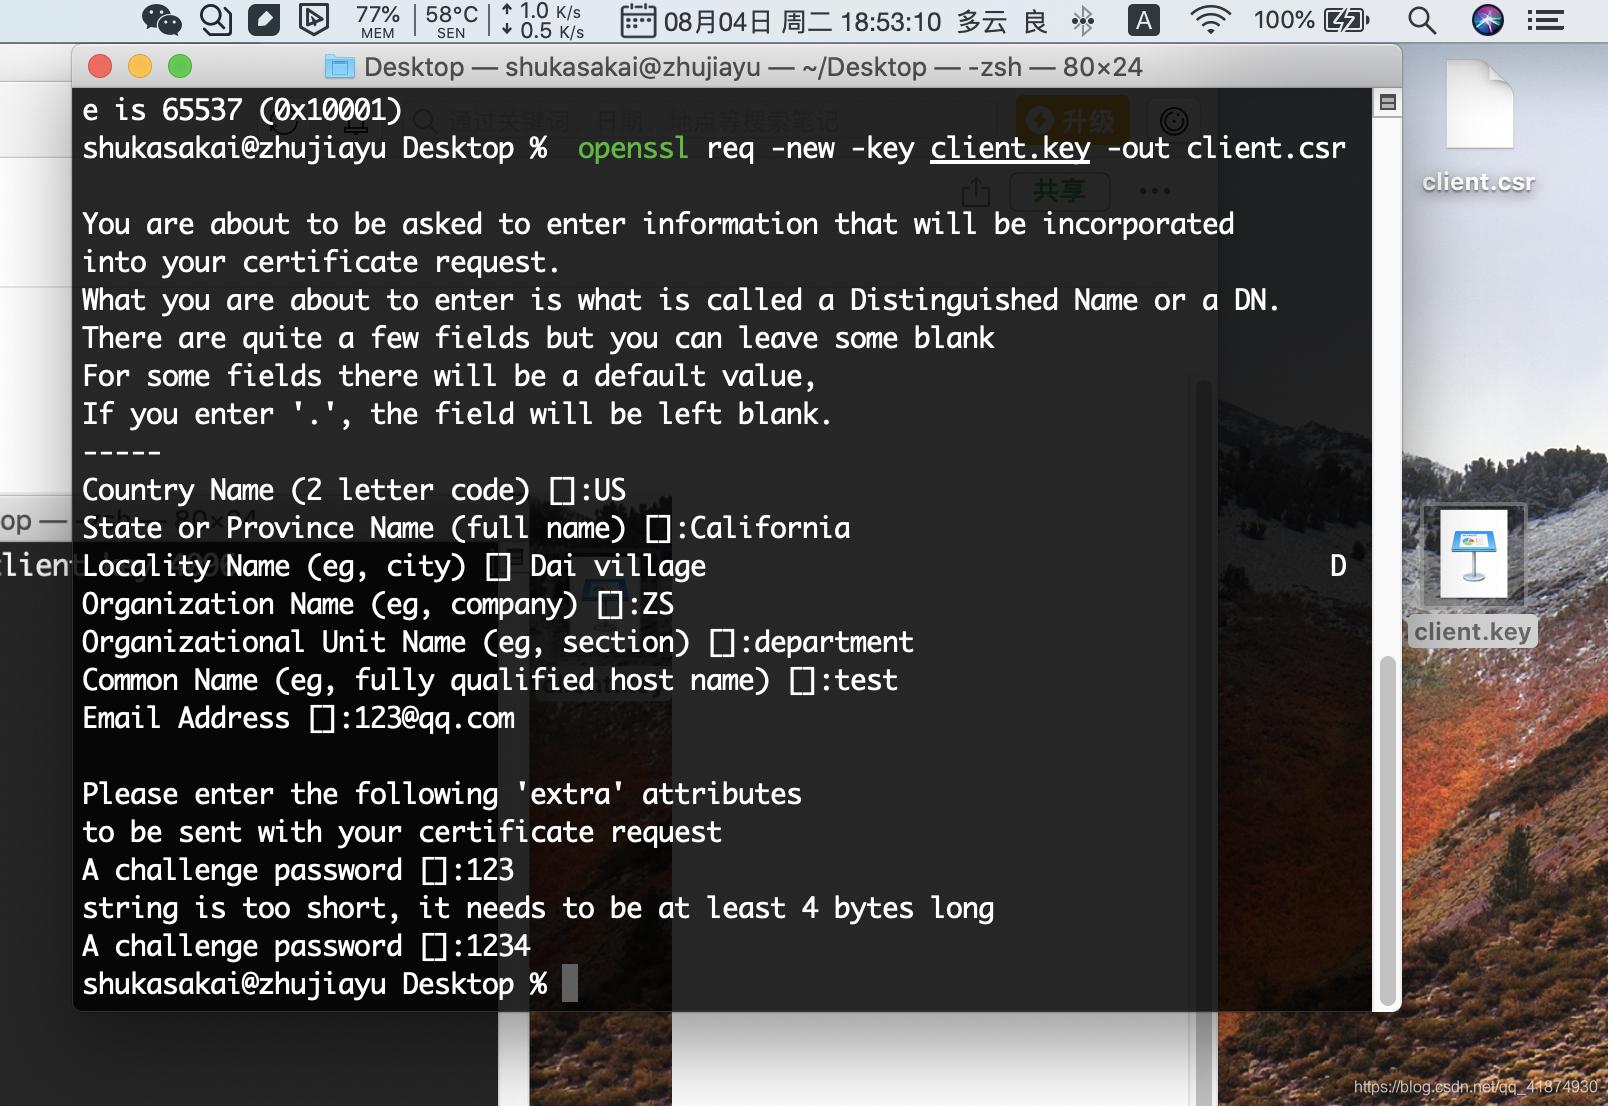 [外链图片转存失败,源站可能有防盗链机制,建议将图片保存下来直接上传(img-lPkpDIT9-1596539441690)(evernotecid://90B54479-F8FA-4F06-9F90-73E6593C6866/appyinxiangcom/27458002/ENResource/p75)]